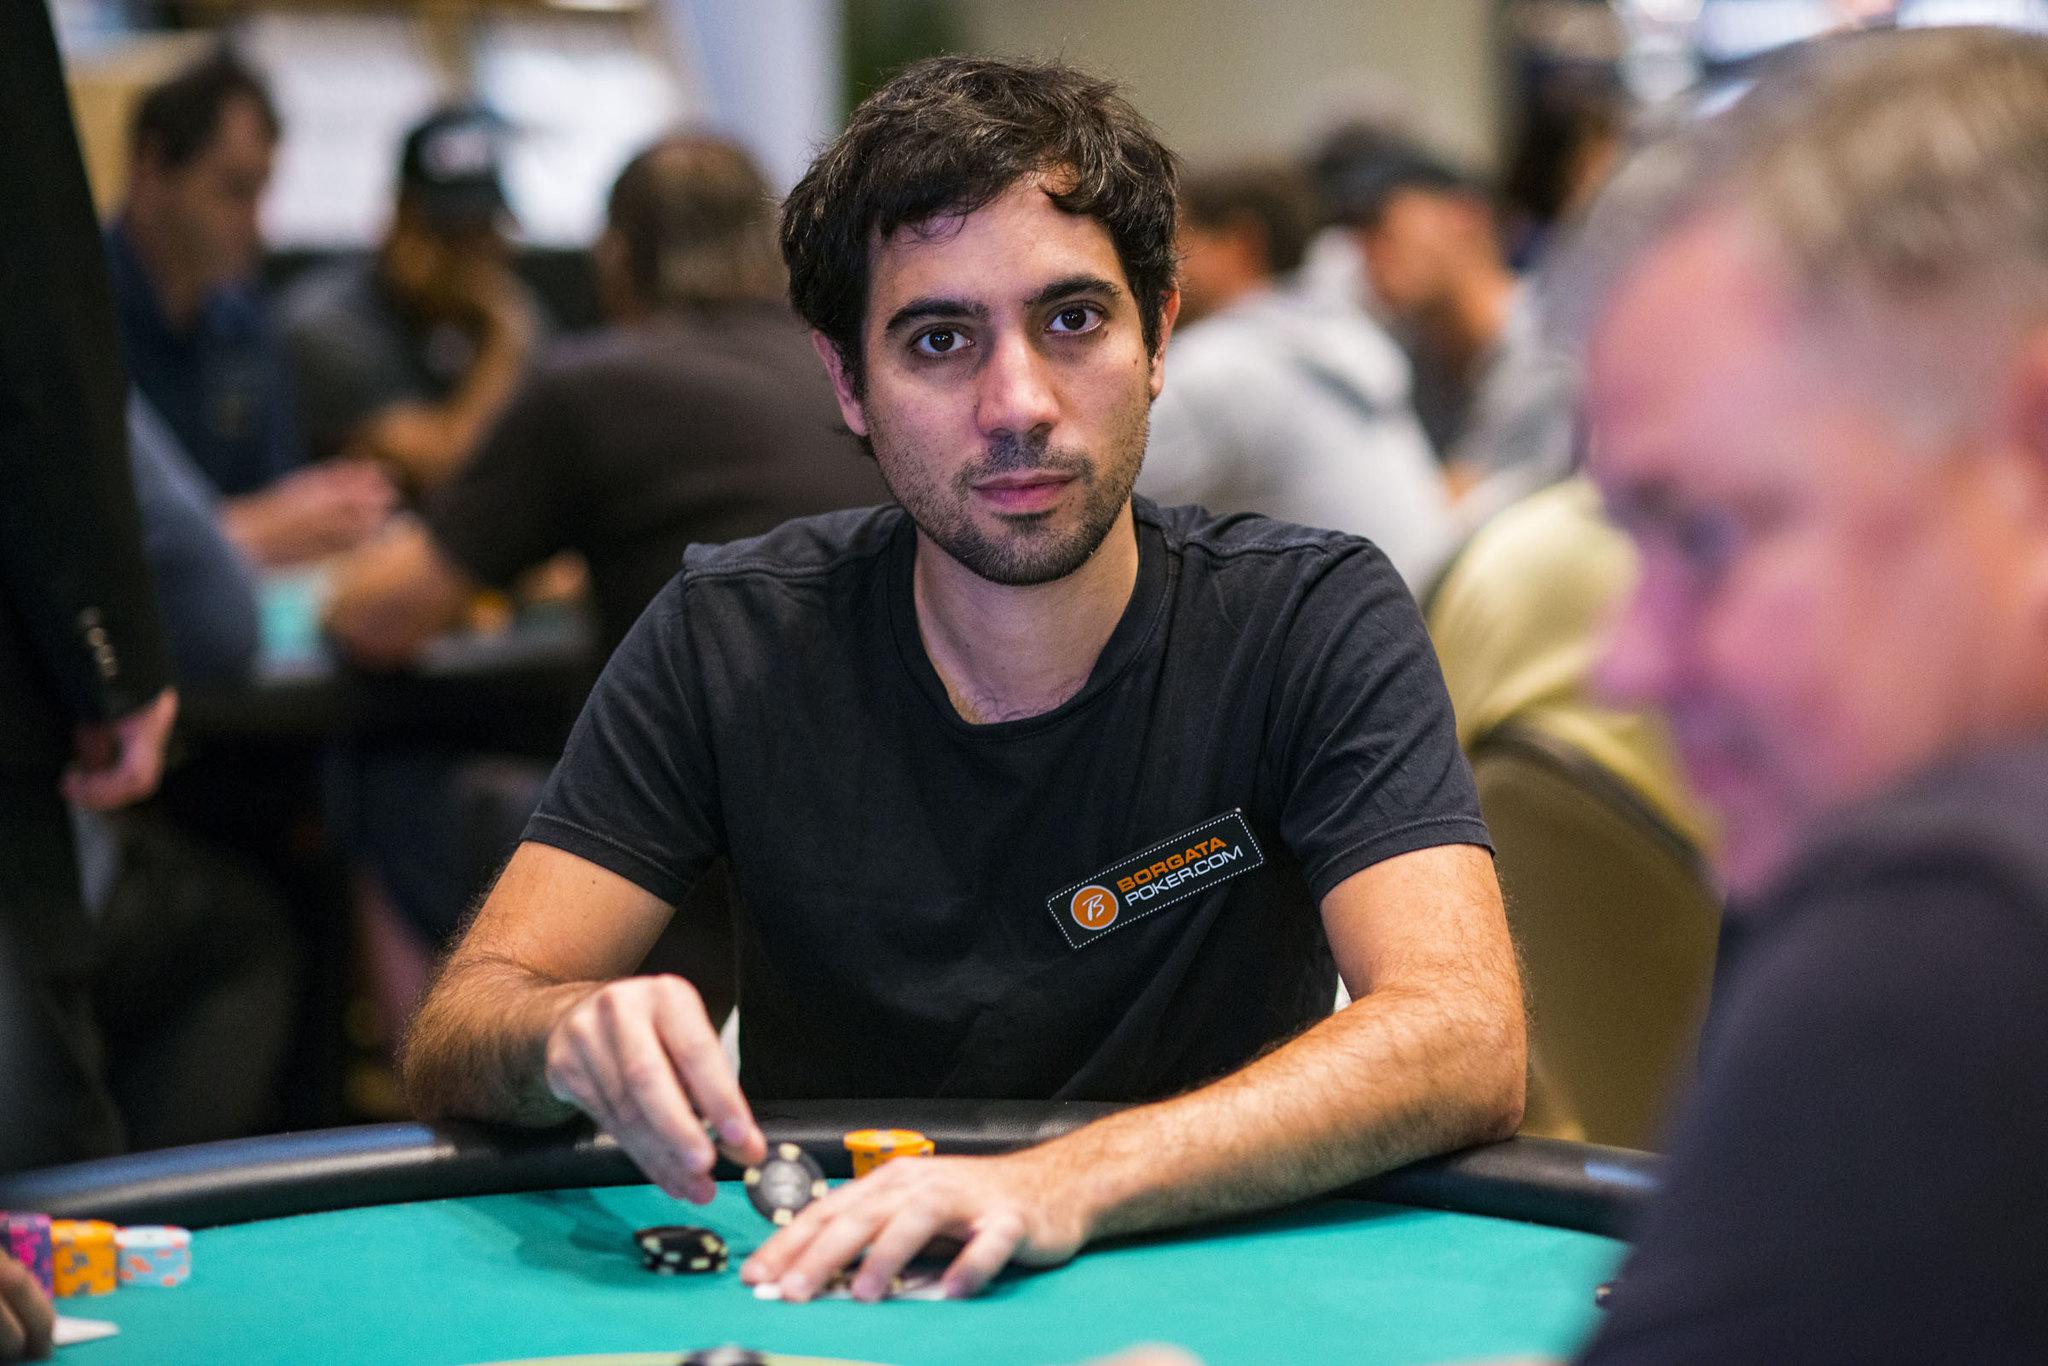 Michael Gagliano WPT Online Poker Open